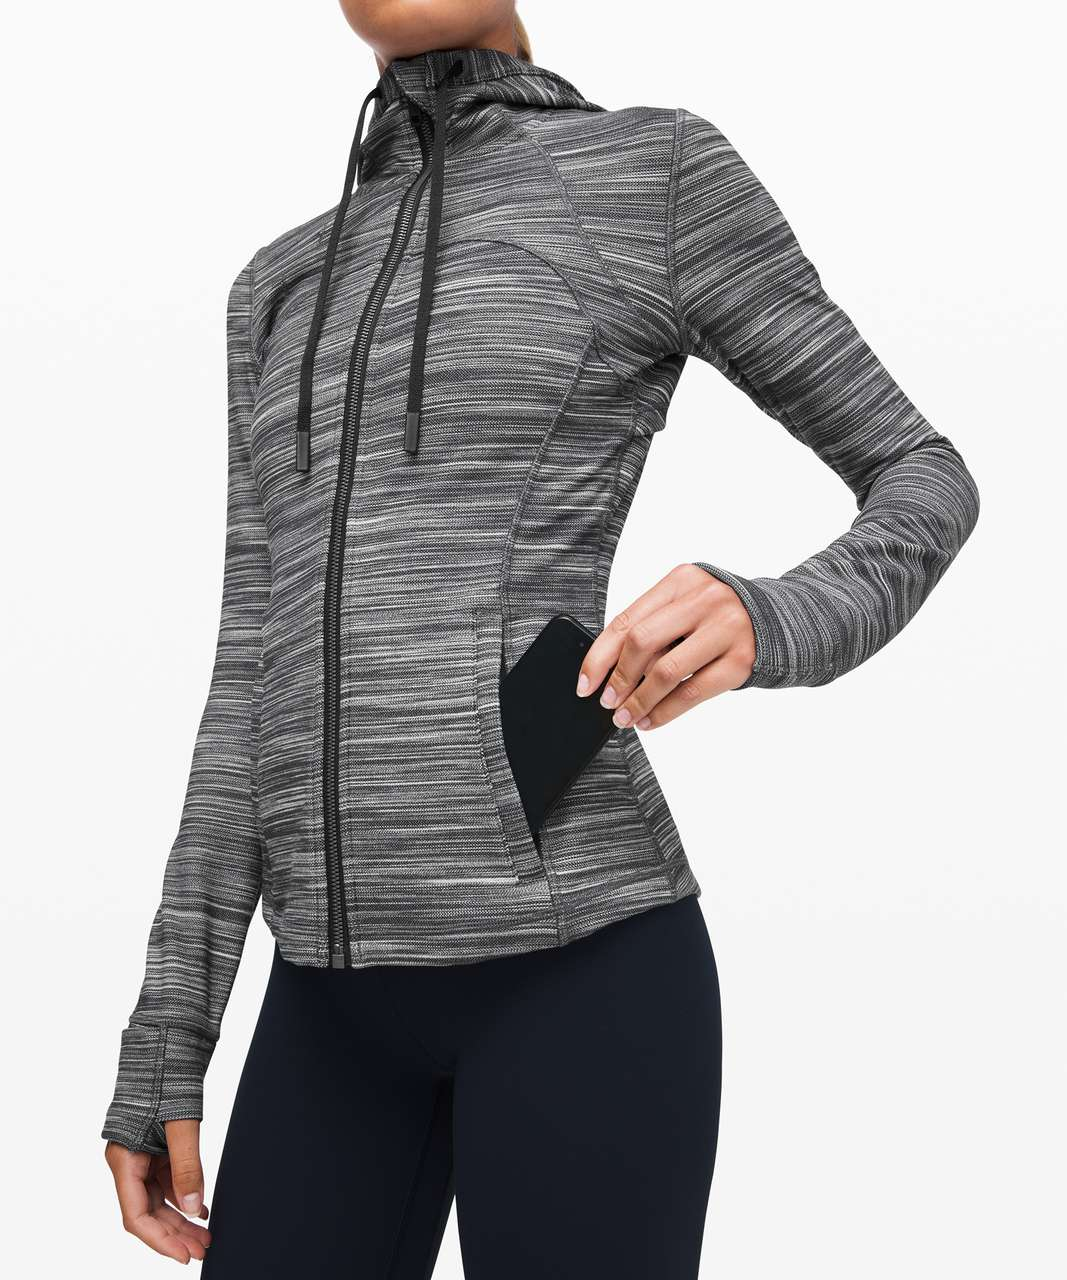 Lululemon Hooded Define Jacket *Nulu - Heathered Black / White / Black